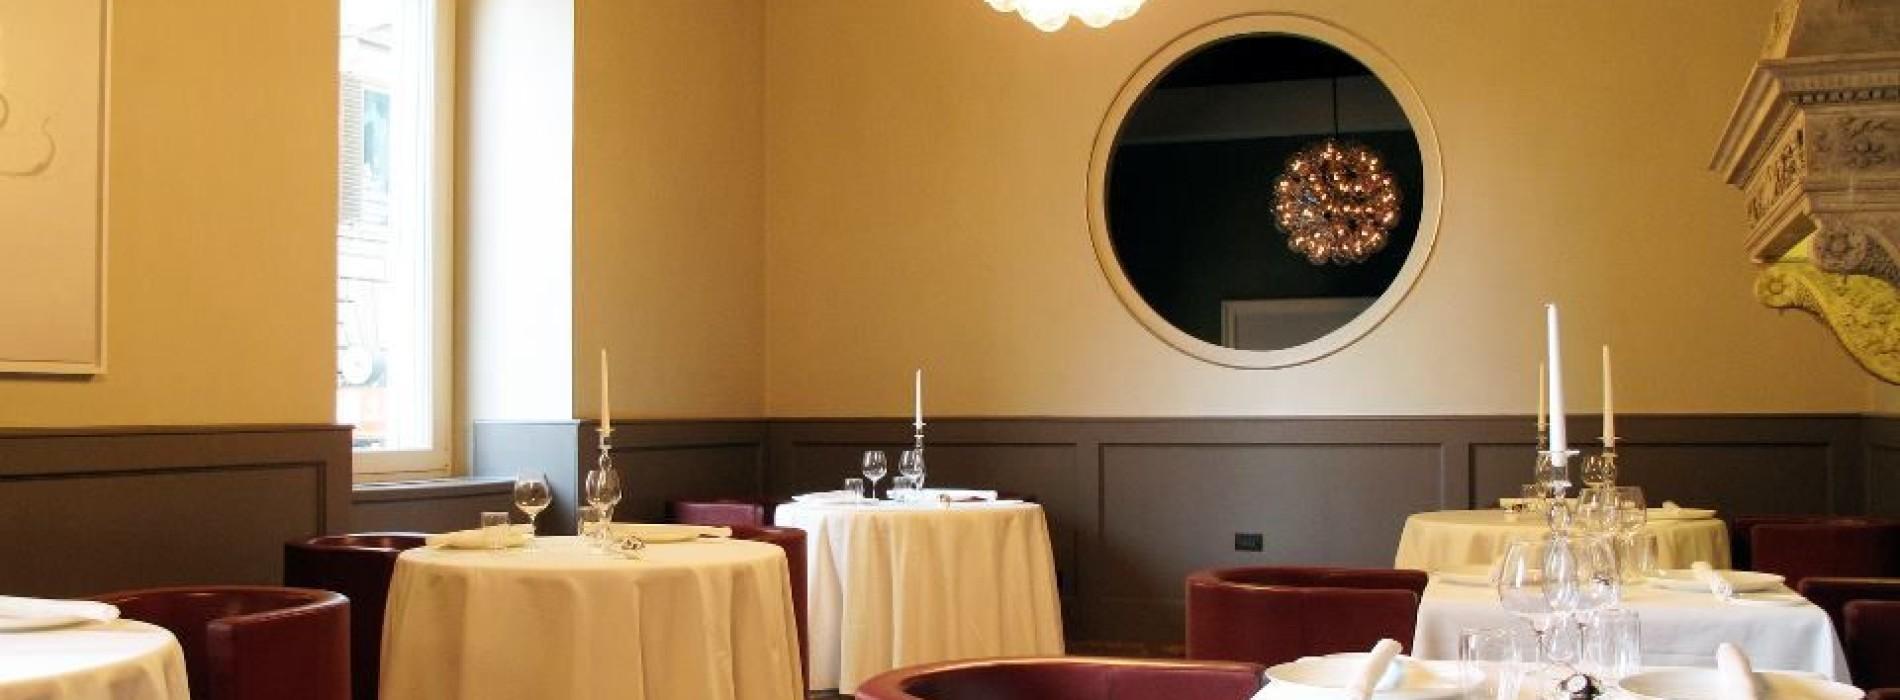 Natale 2013 a Roma: 16 locali per la cena della Vigilia e il pranzo del 25 dicembre